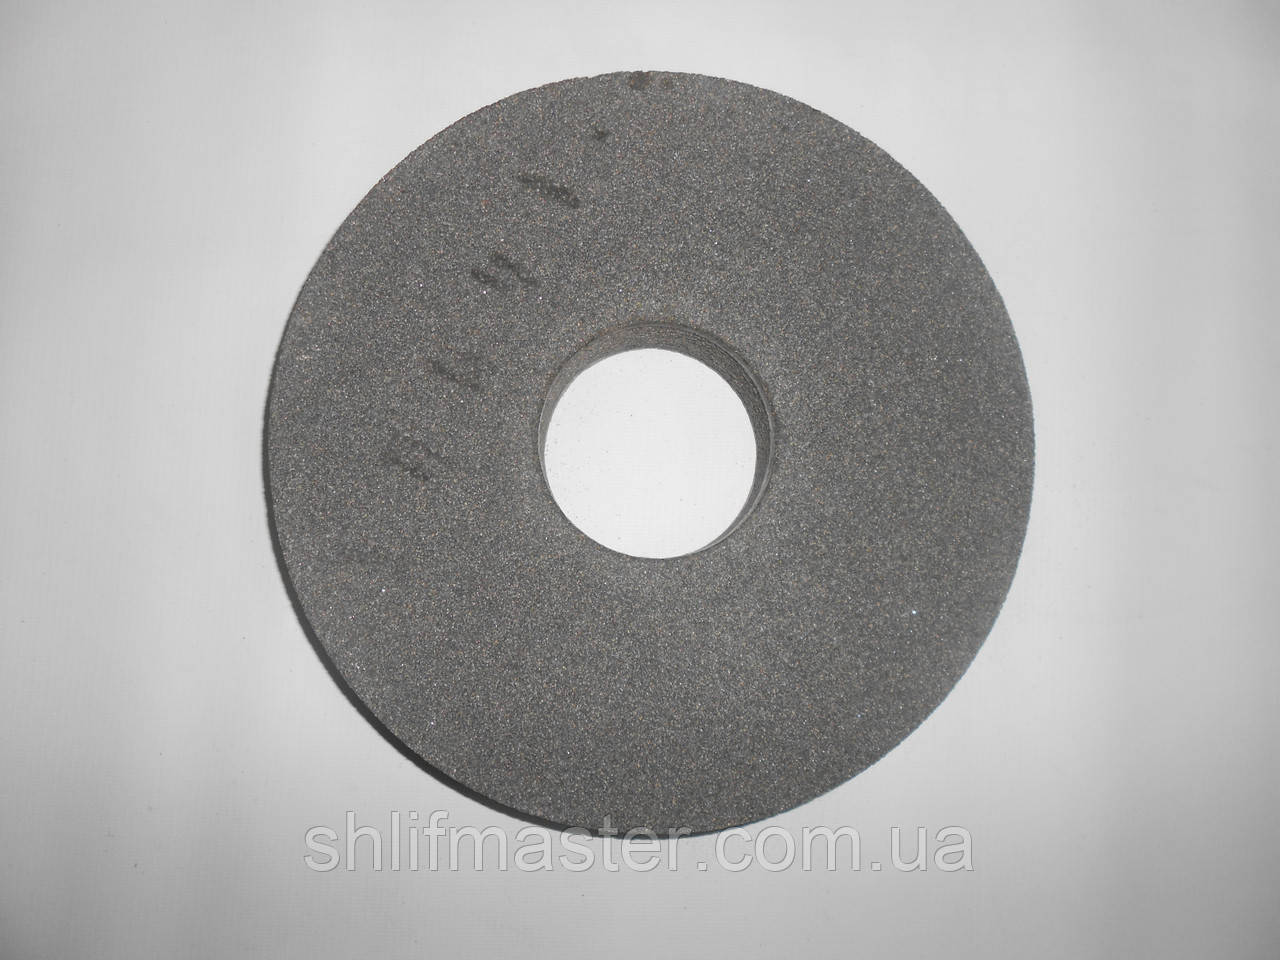 Круг шлифовальный 14А (электрокорунд серый) ПП на керамической связке 200х32х76 25-40 СМ-СТ